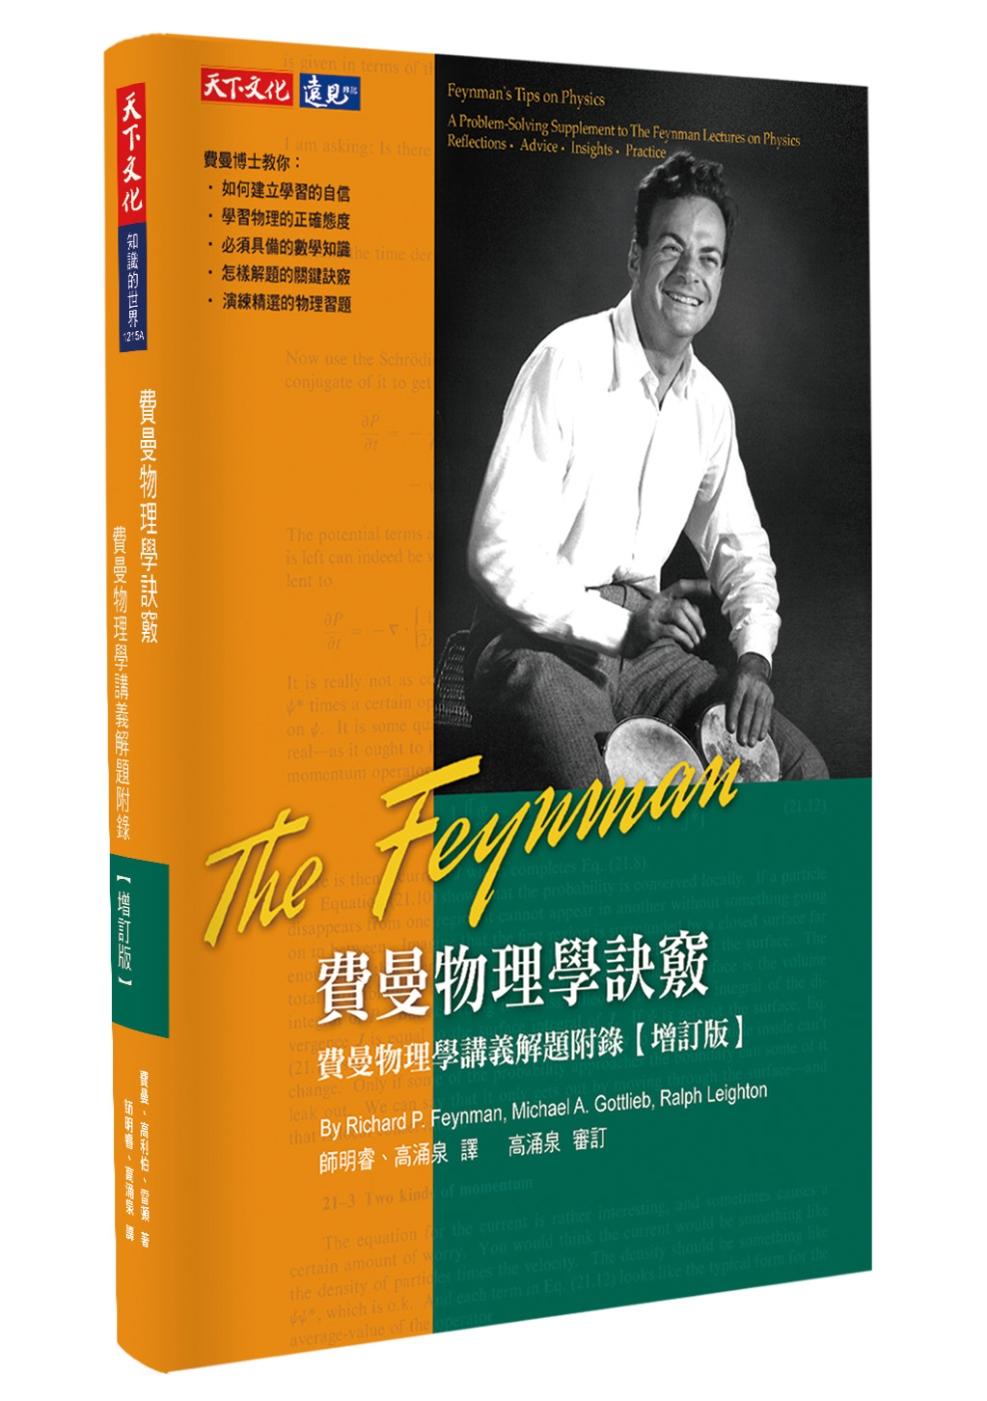 ◤博客來BOOKS◢ 暢銷書榜《推薦》費曼物理學訣竅【增訂版】 (軟精):費曼物理學講義解題附錄